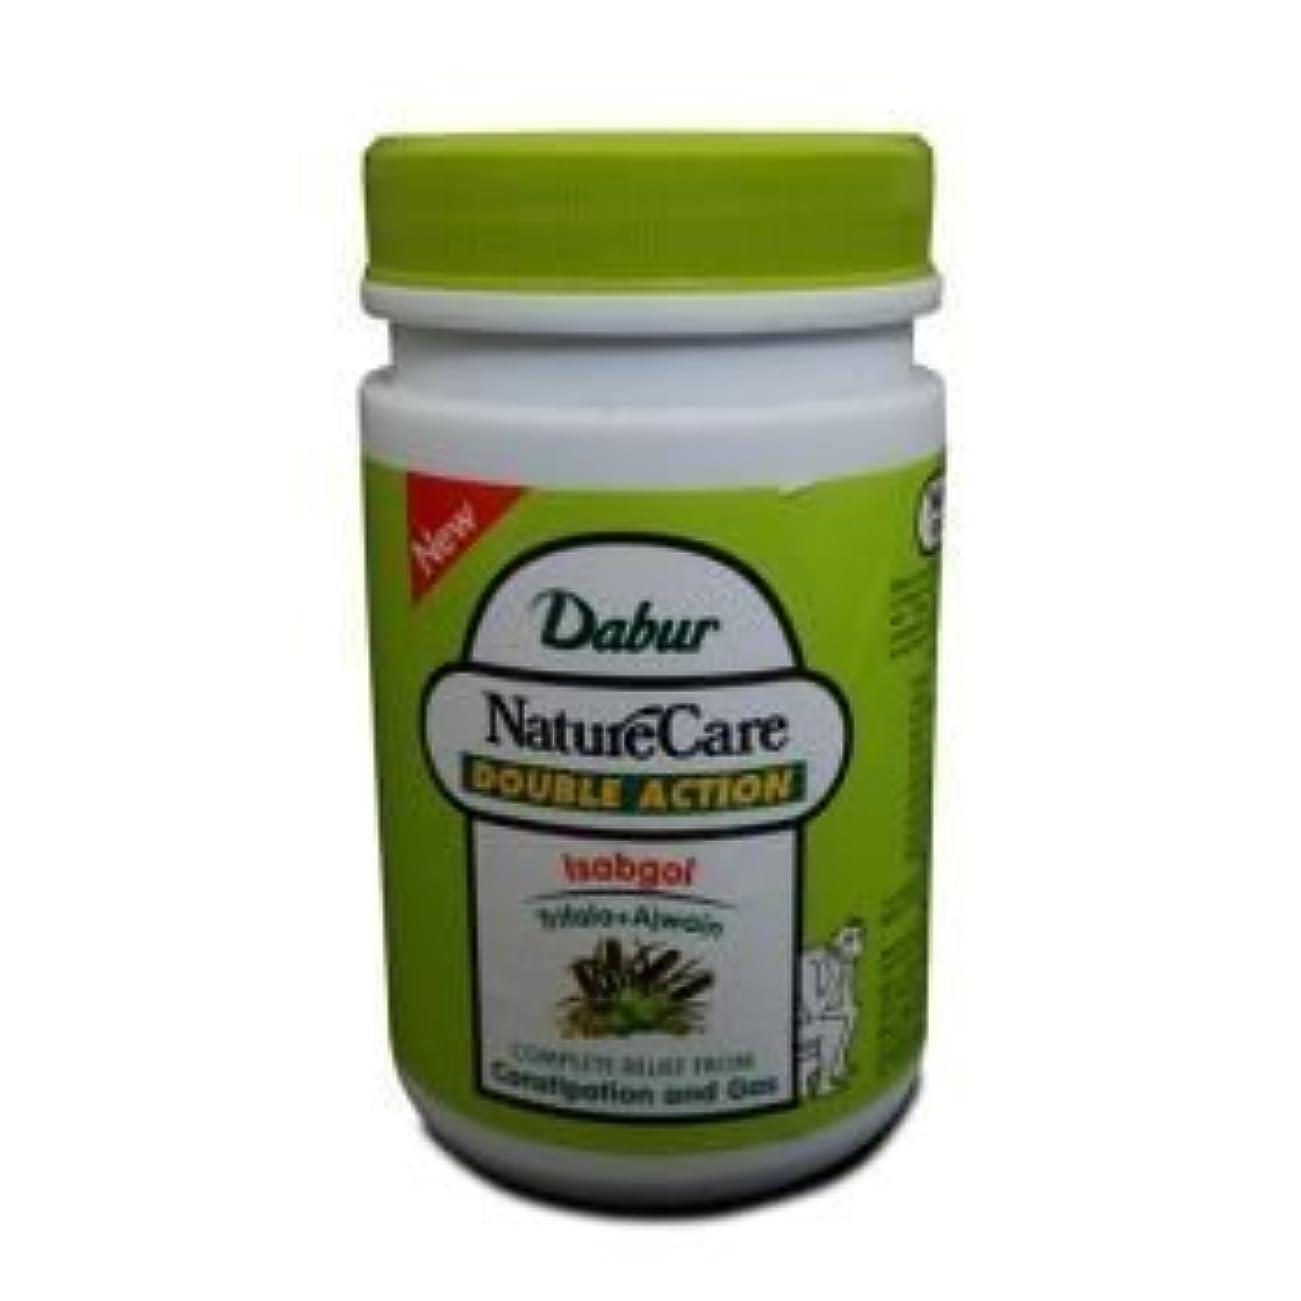 発行するちなみに無声でDabur Naturecare Double Action Isabgol Husk Effective Relief From Gas,constipation 100 Grams by Dabur [並行輸入品]